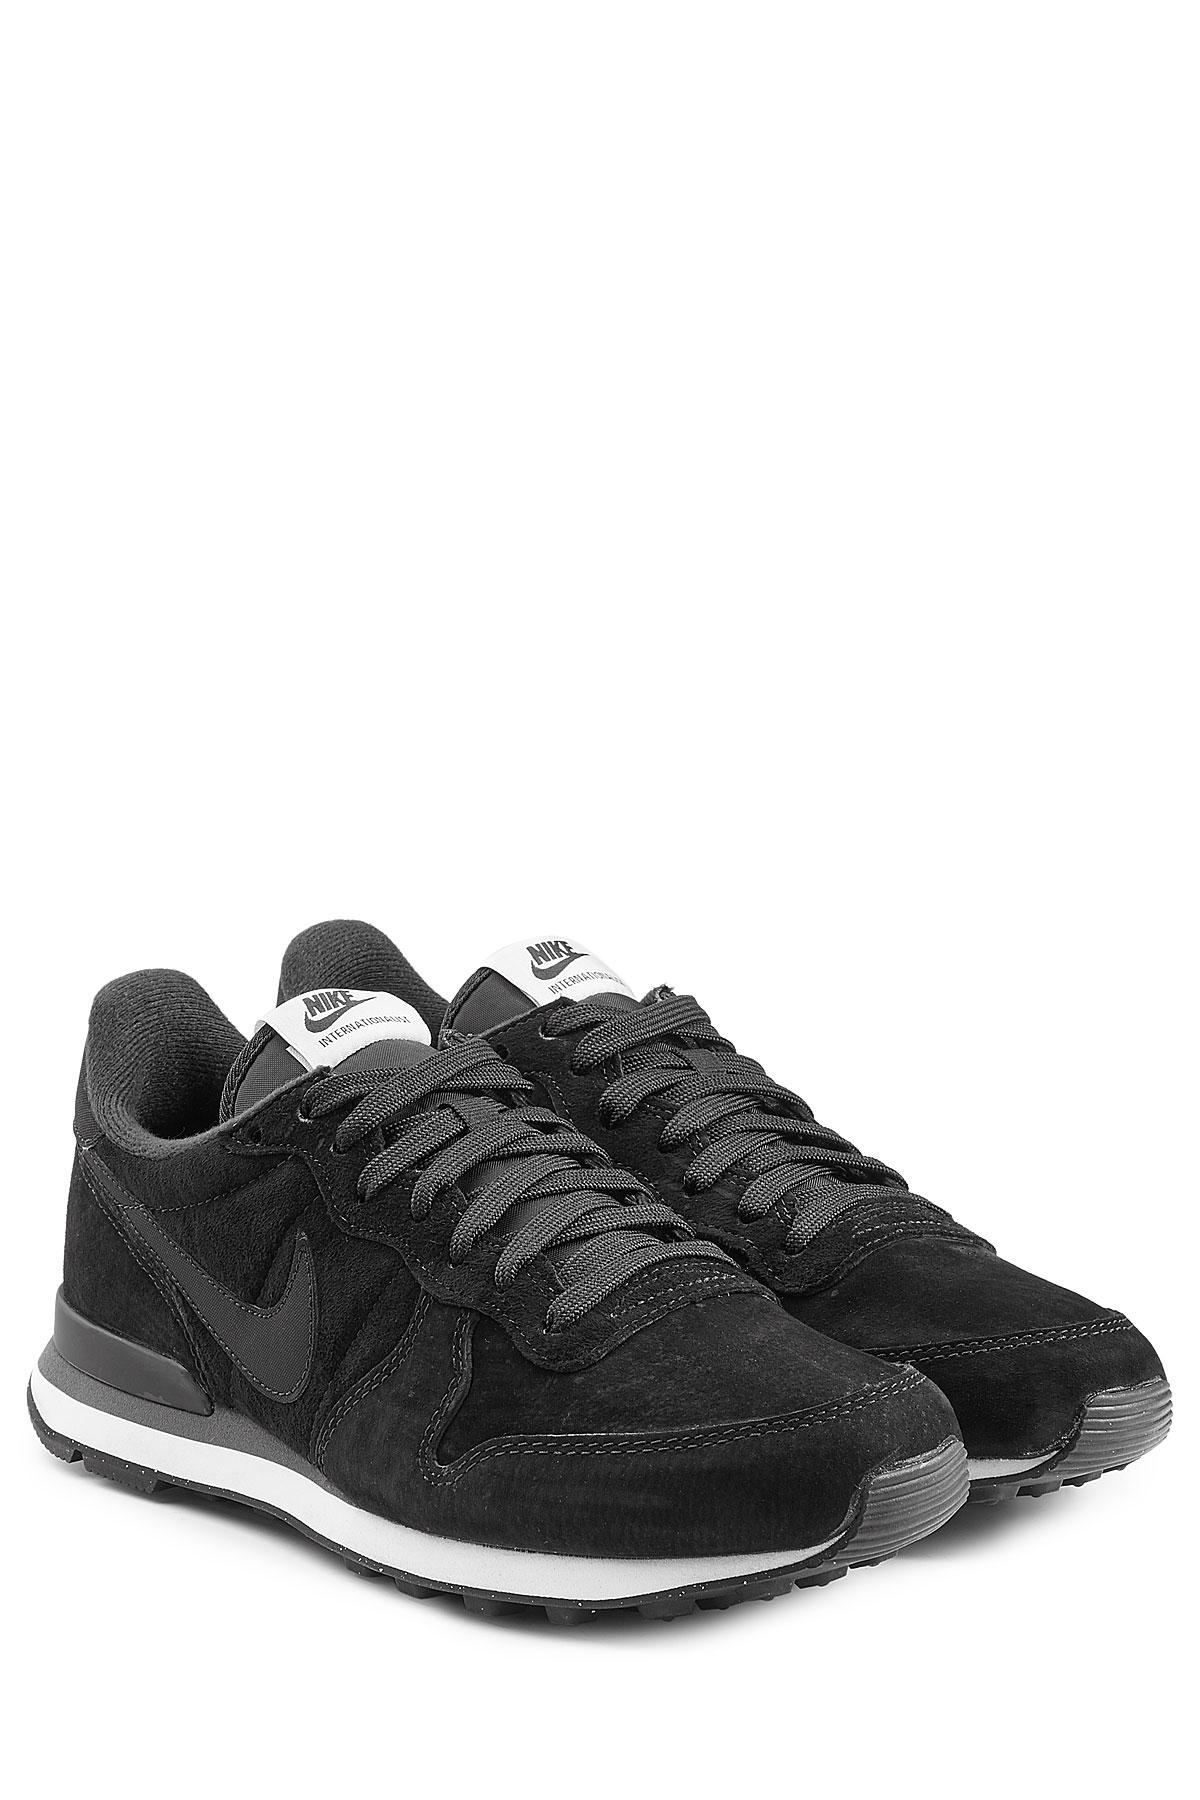 Nike Internationalist Suede Sneakers - Black in Black for Me